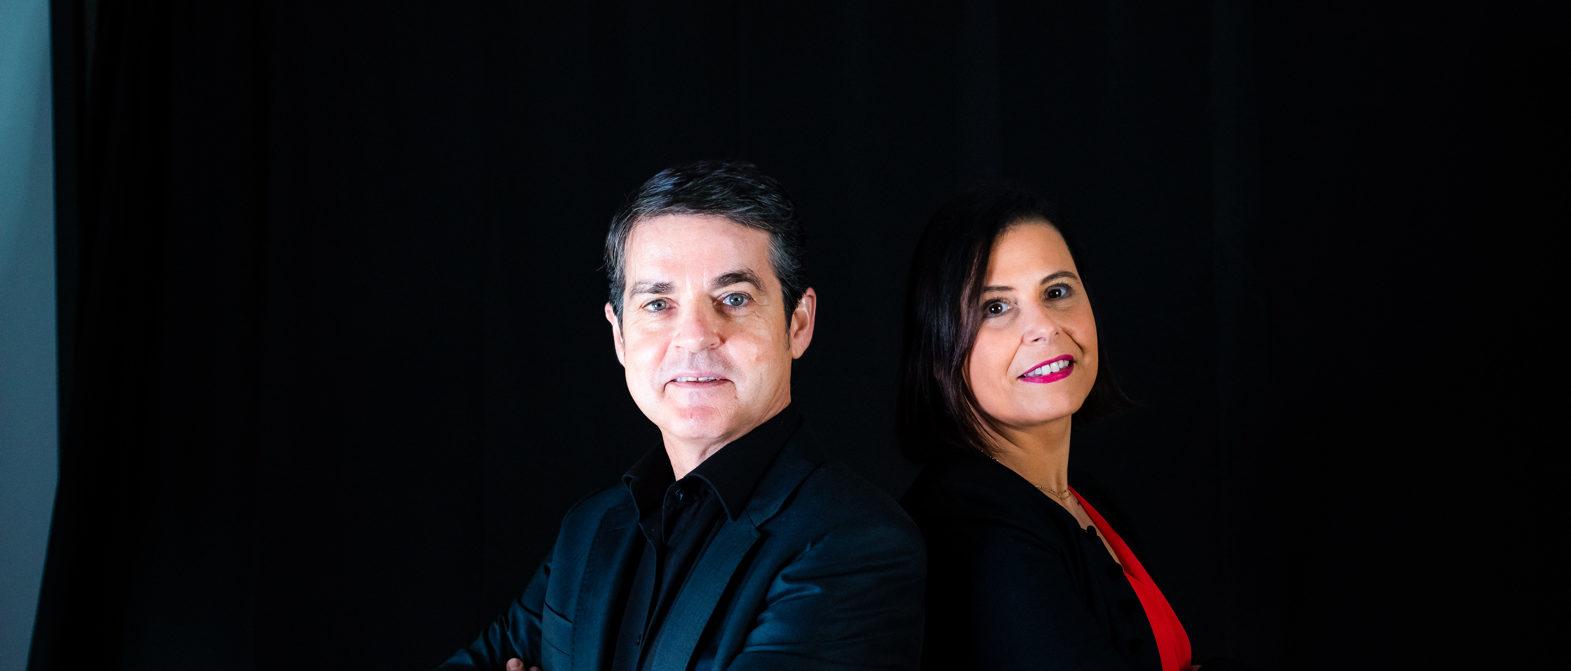 Portraits de Christophe Alvarez et Agnès Pierre, co-auteurs du livre Libérez votre Futur